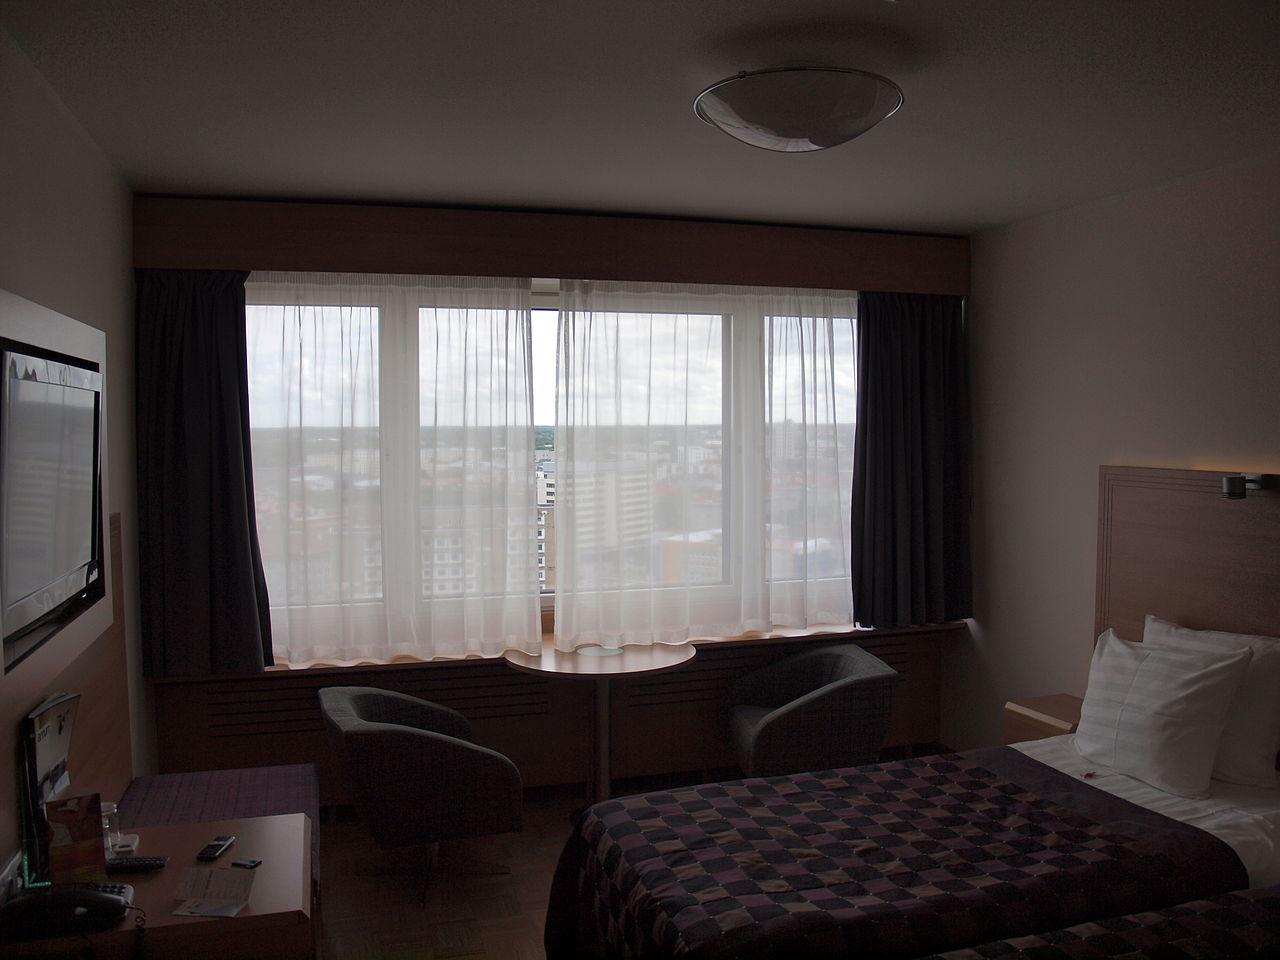 File Hotel Room At Sokos Hotel Viru Tallinn Estonia Jpg